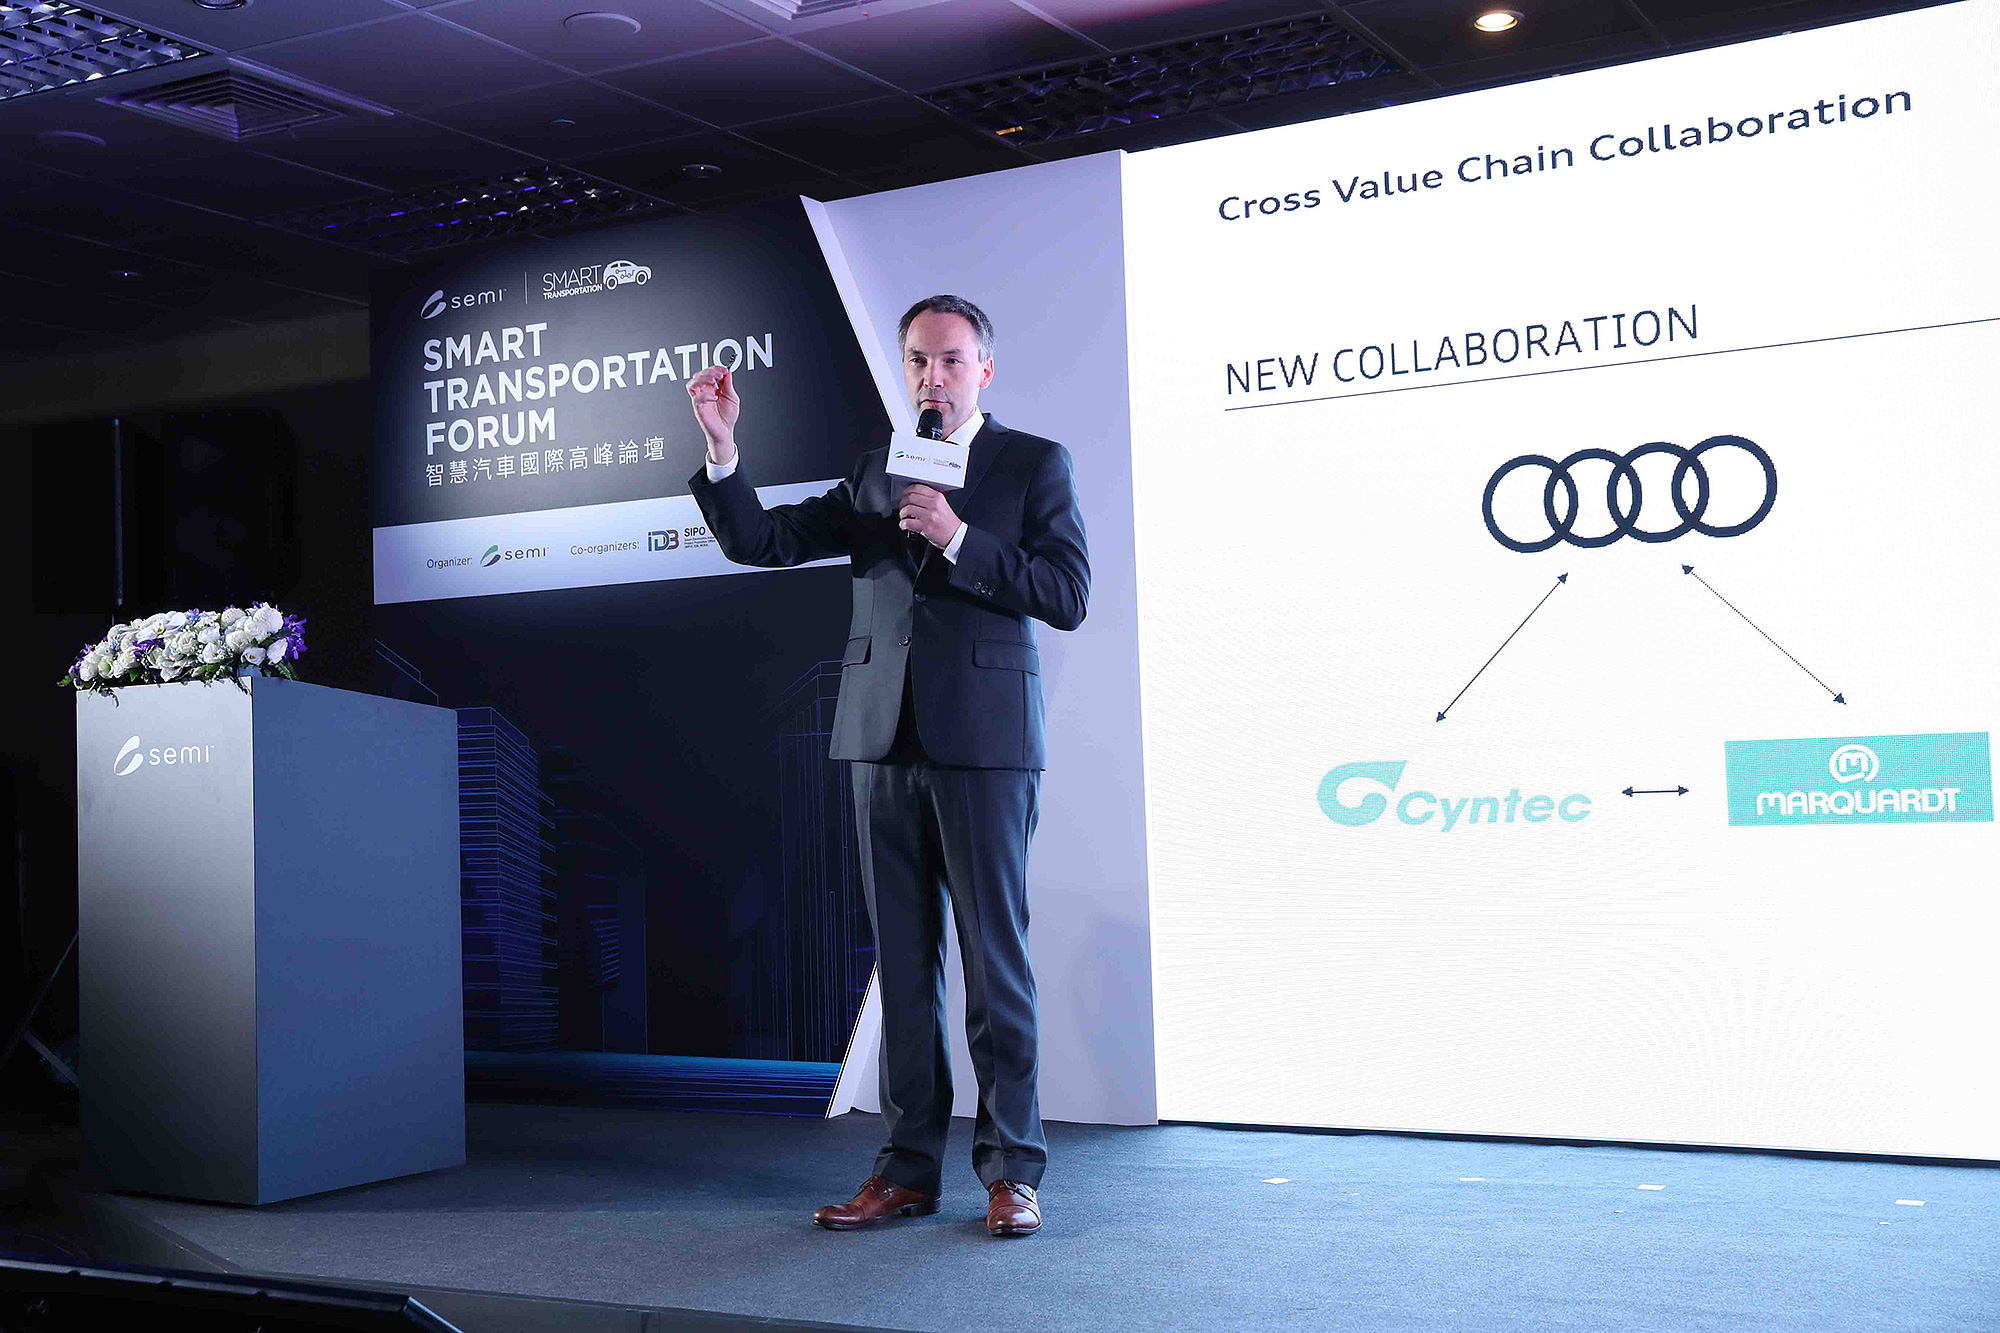 Audi 專案經理 Andre Blum 於智慧汽車國際高峰論壇分享 Audi 如何透過跨界整合,與台灣半導體業者合作,成功創新傳統汽車產業的價值鏈。